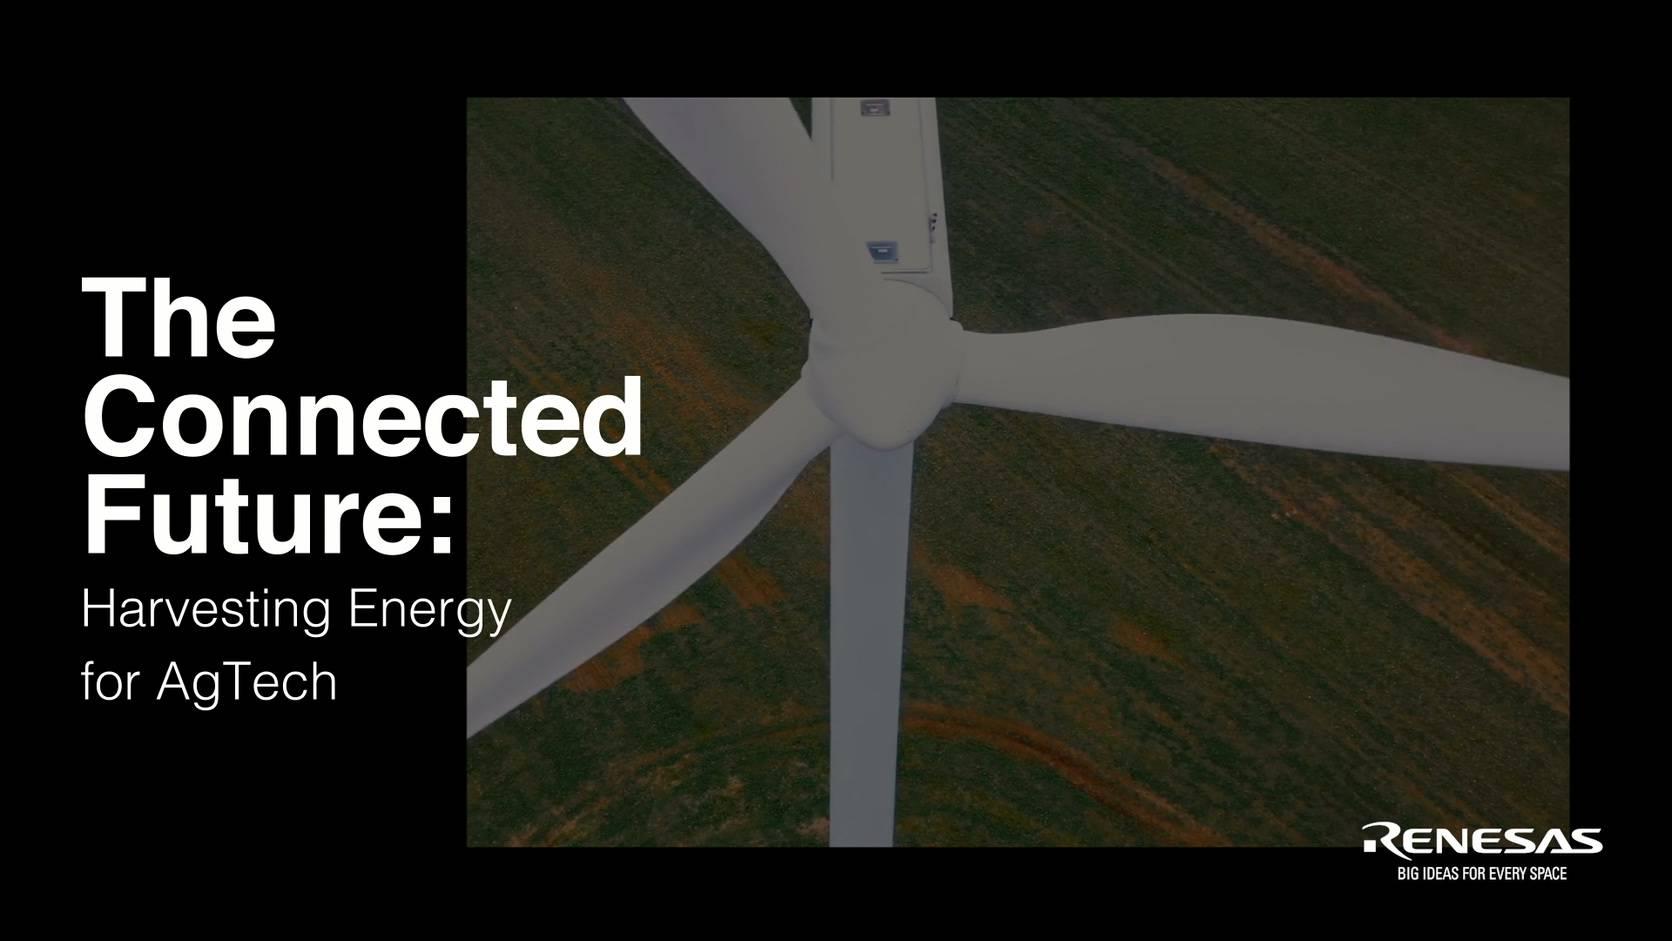 物联网的未来:为AgTech采集能源